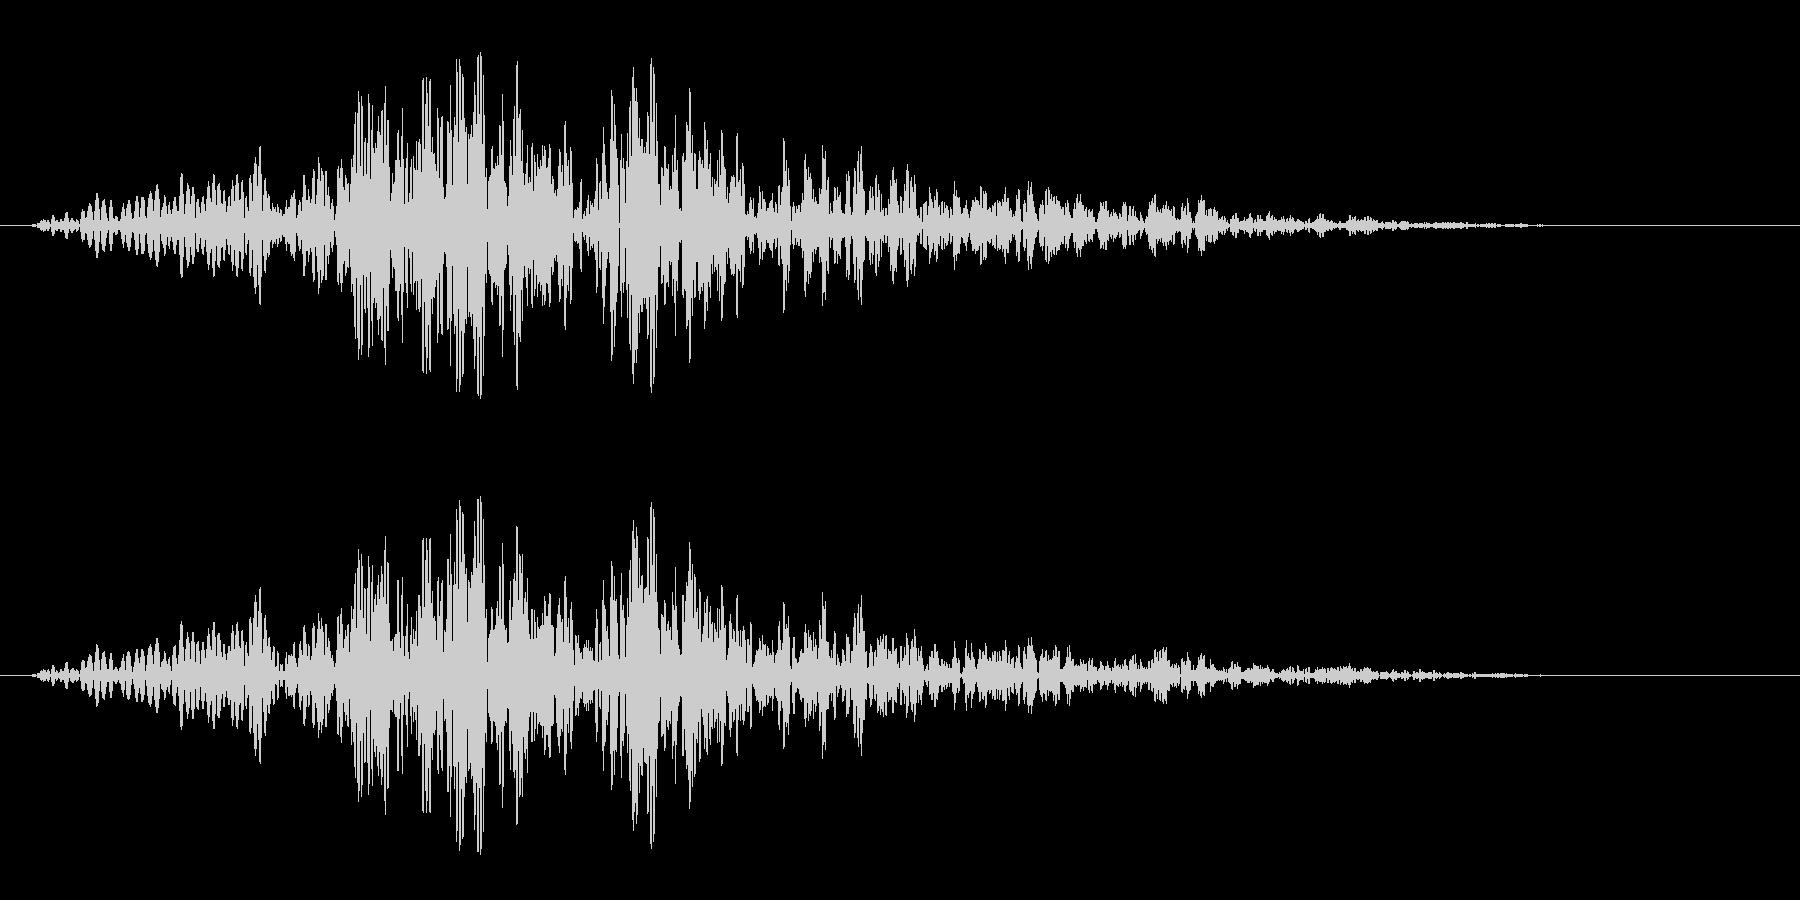 バサッ(軽いものが倒れたような音)の未再生の波形